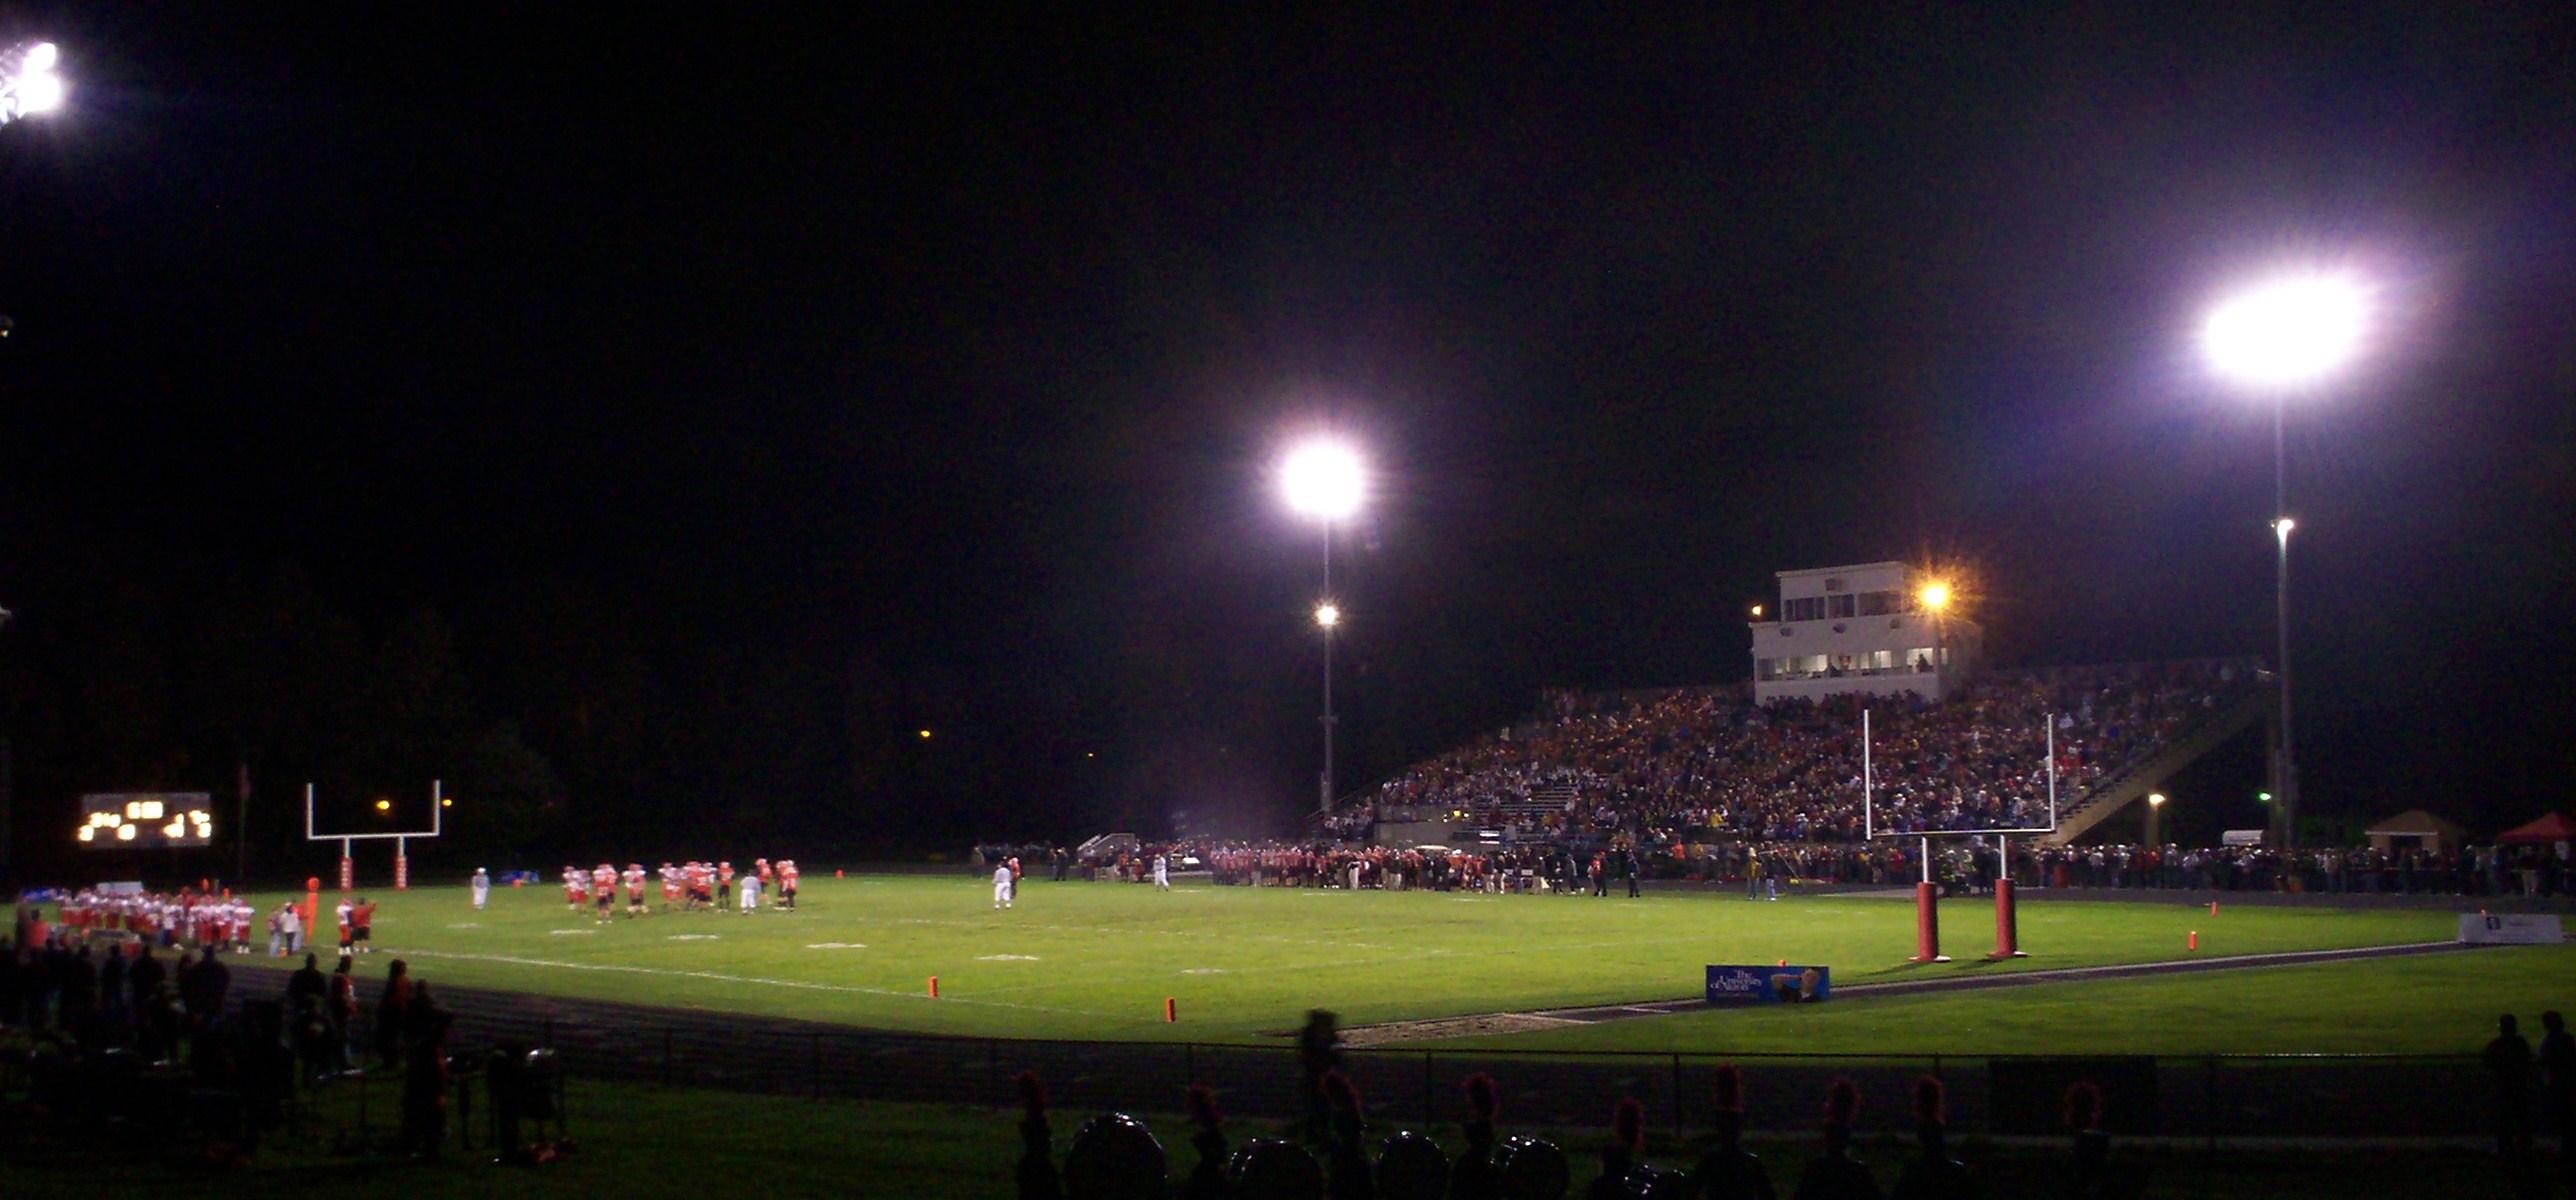 Roosevelt_Stadium_night_2